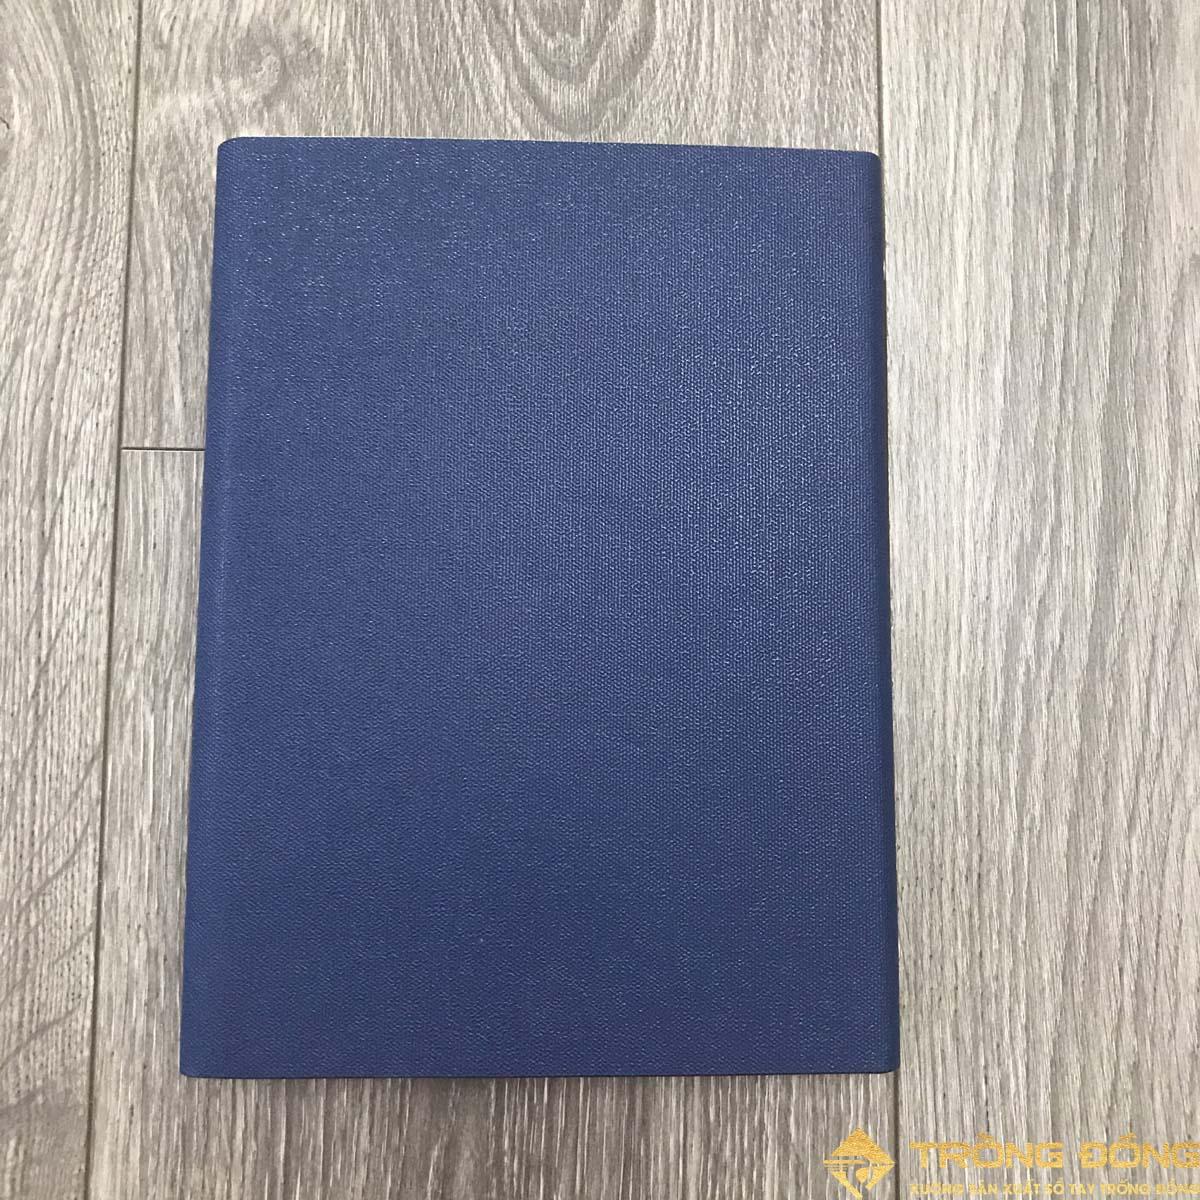 Mặt sau của sổ bìa da có sẵn LSA5-01B